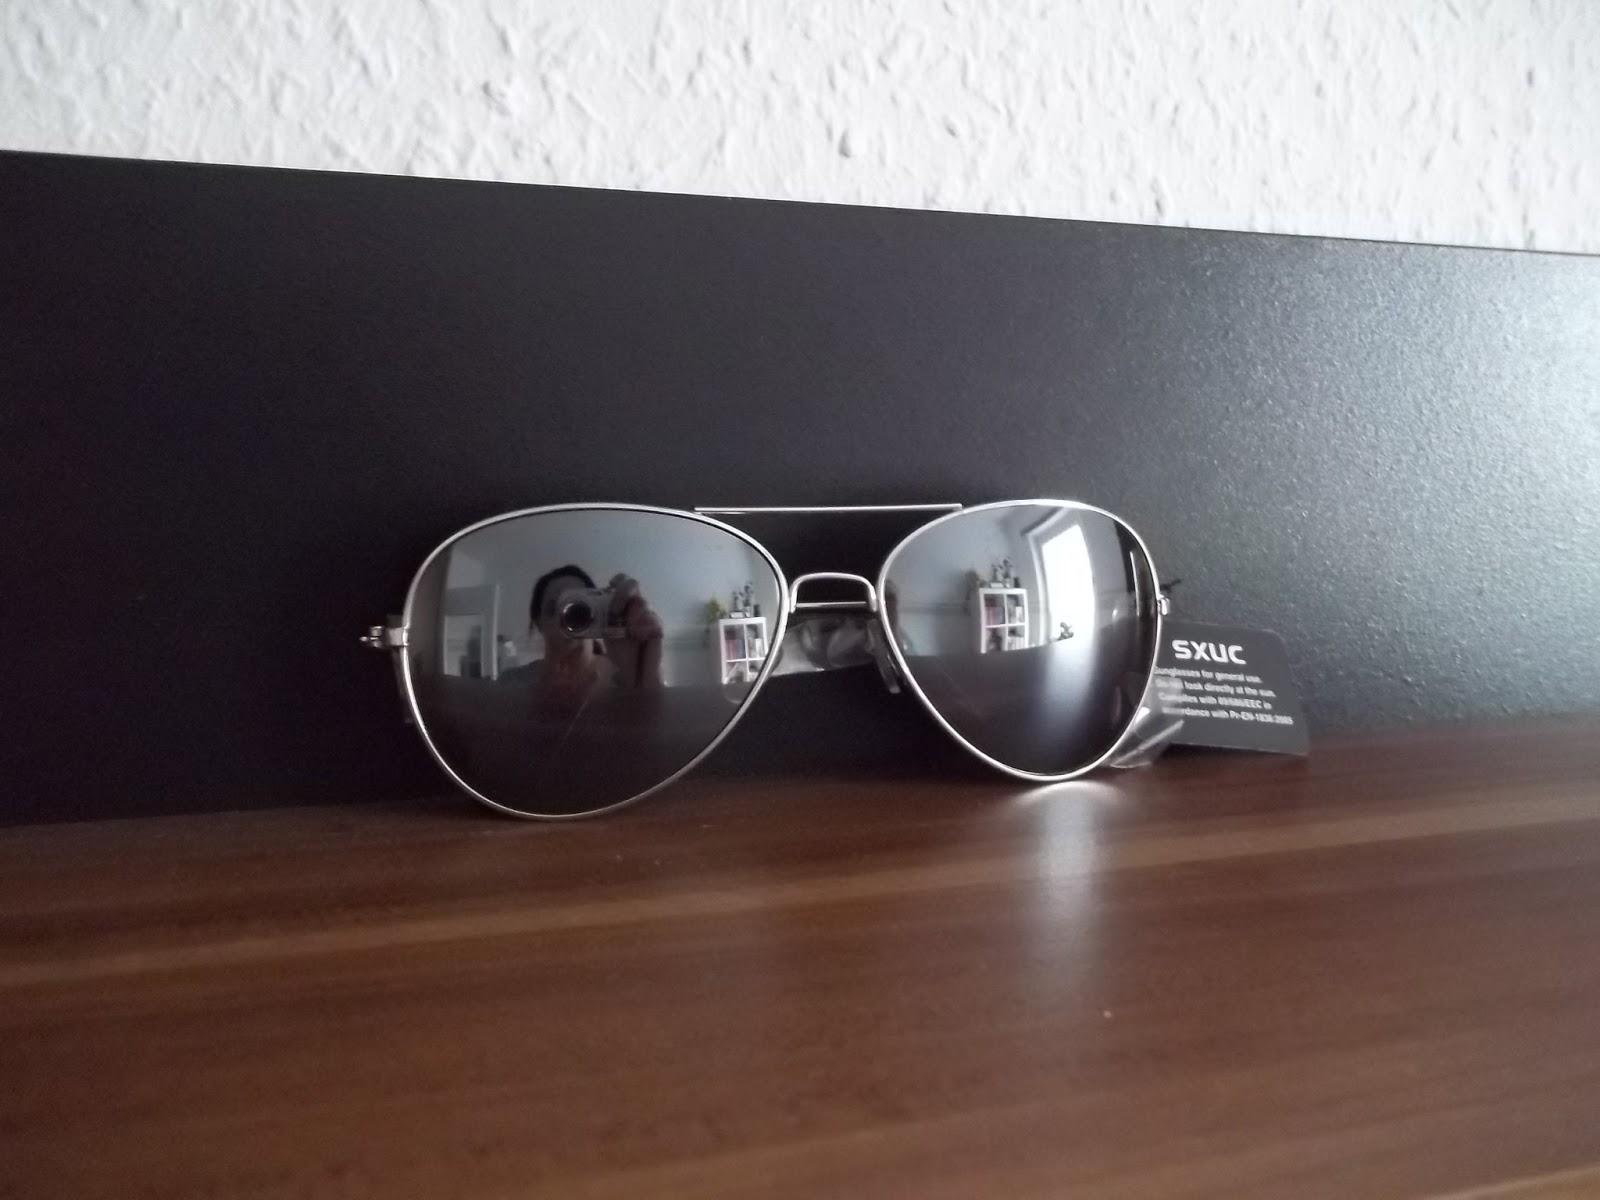 Brille Umtauschen Bei Nichtgefallen